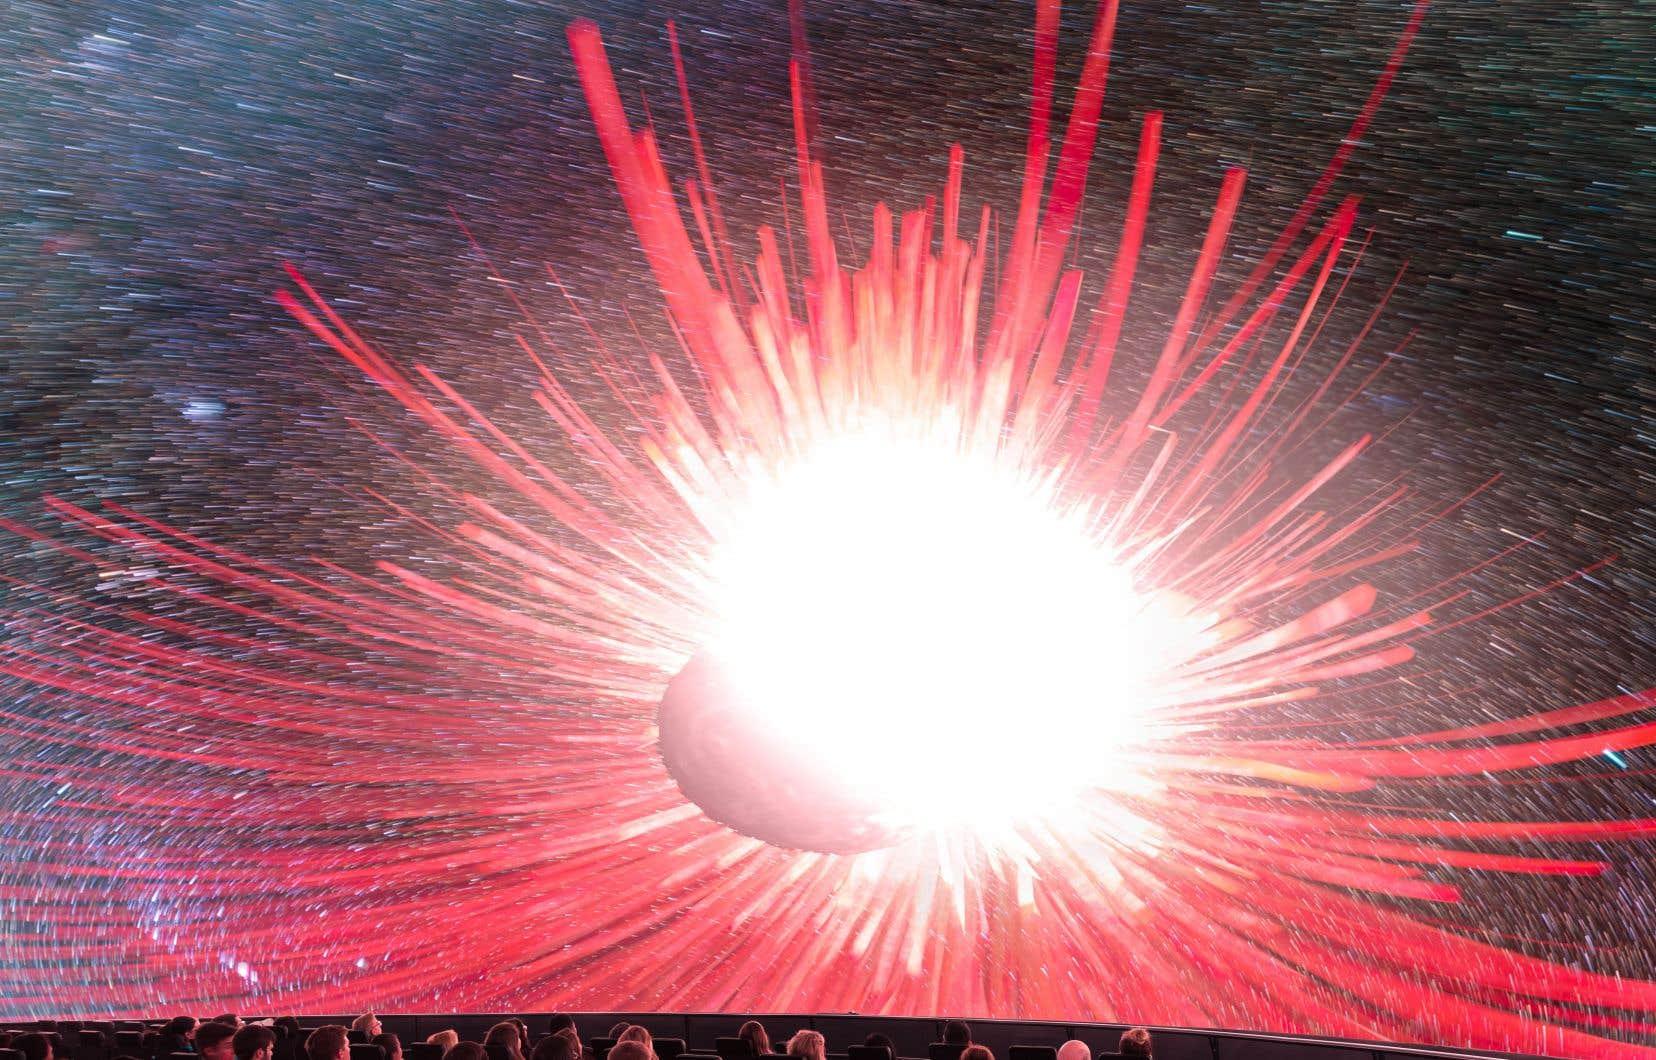 La grande vitesse de rotation d'Hauméa, sa composition majoritairement rocheuse et ses deux lunes résultent d'une violente collision qu'elle aurait subie.